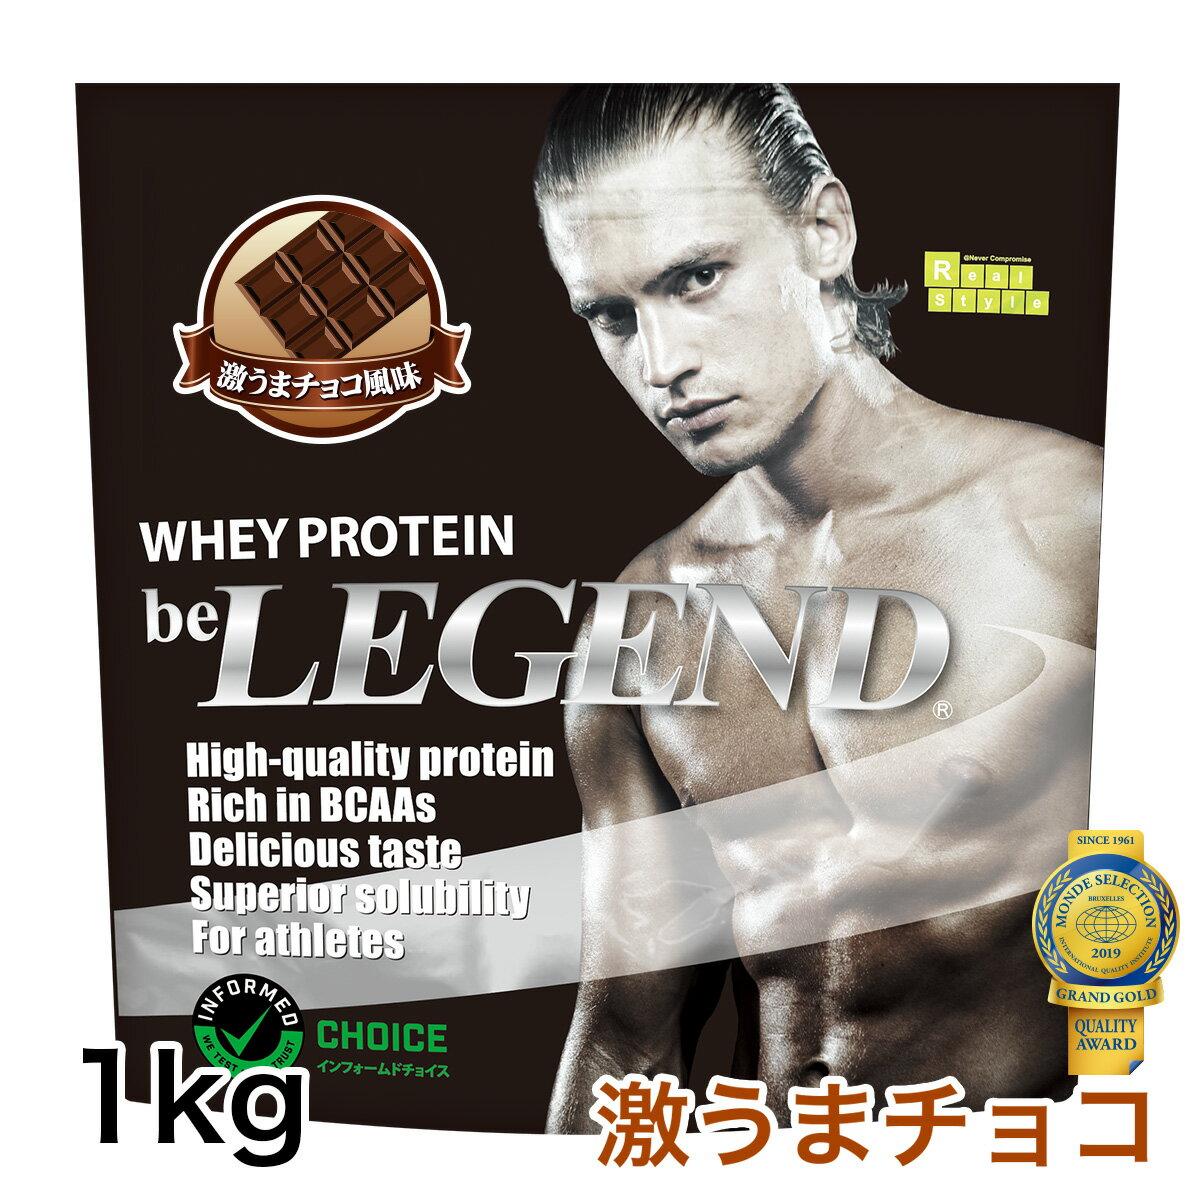 ビーレジェンド プロテイン 激うまチョコ風味 1kg(be LEGEND ホエイプロテイン)【オススメ】